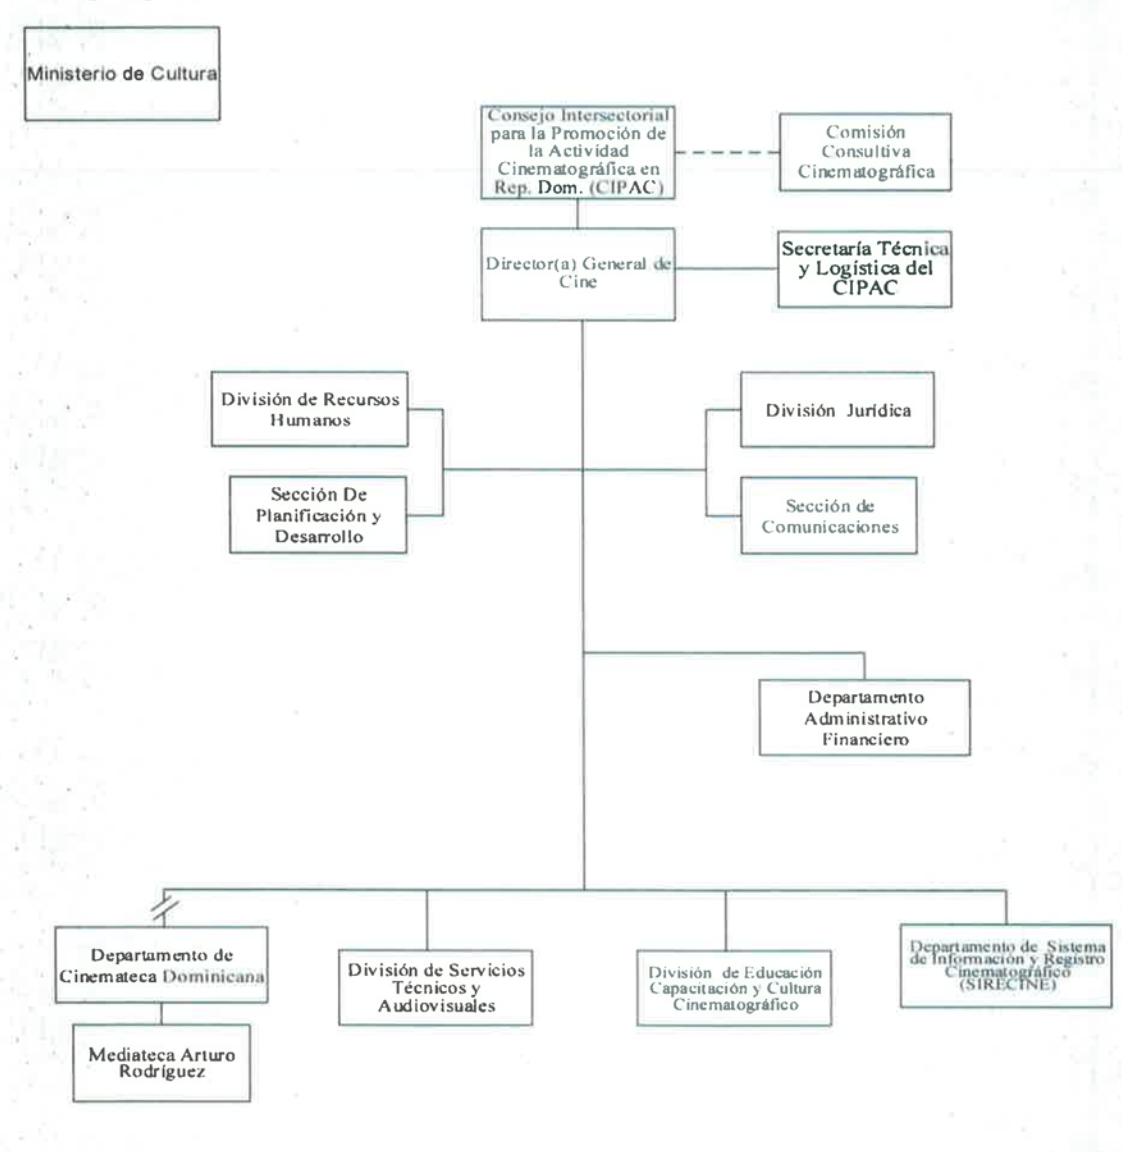 organigrama-dgcine[1]